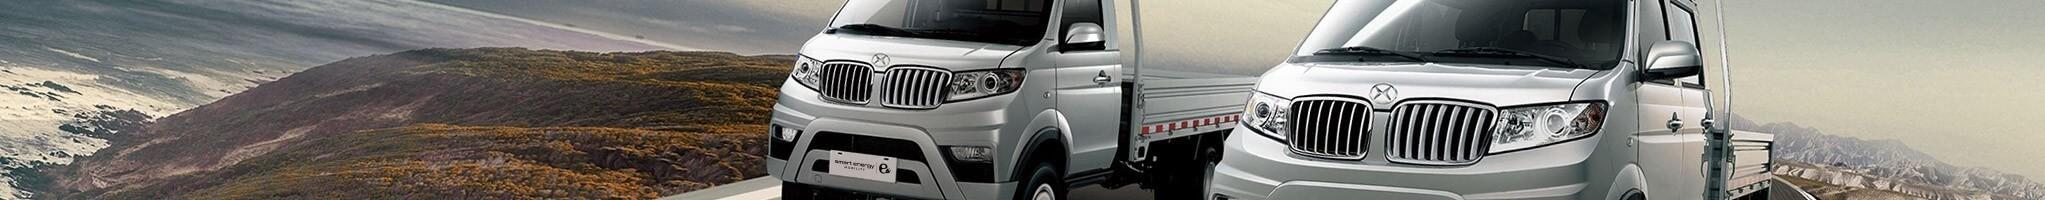 Comprar furgoneta eléctrica | New Energy Mobility su tienda online de eMobility con los mejores precios